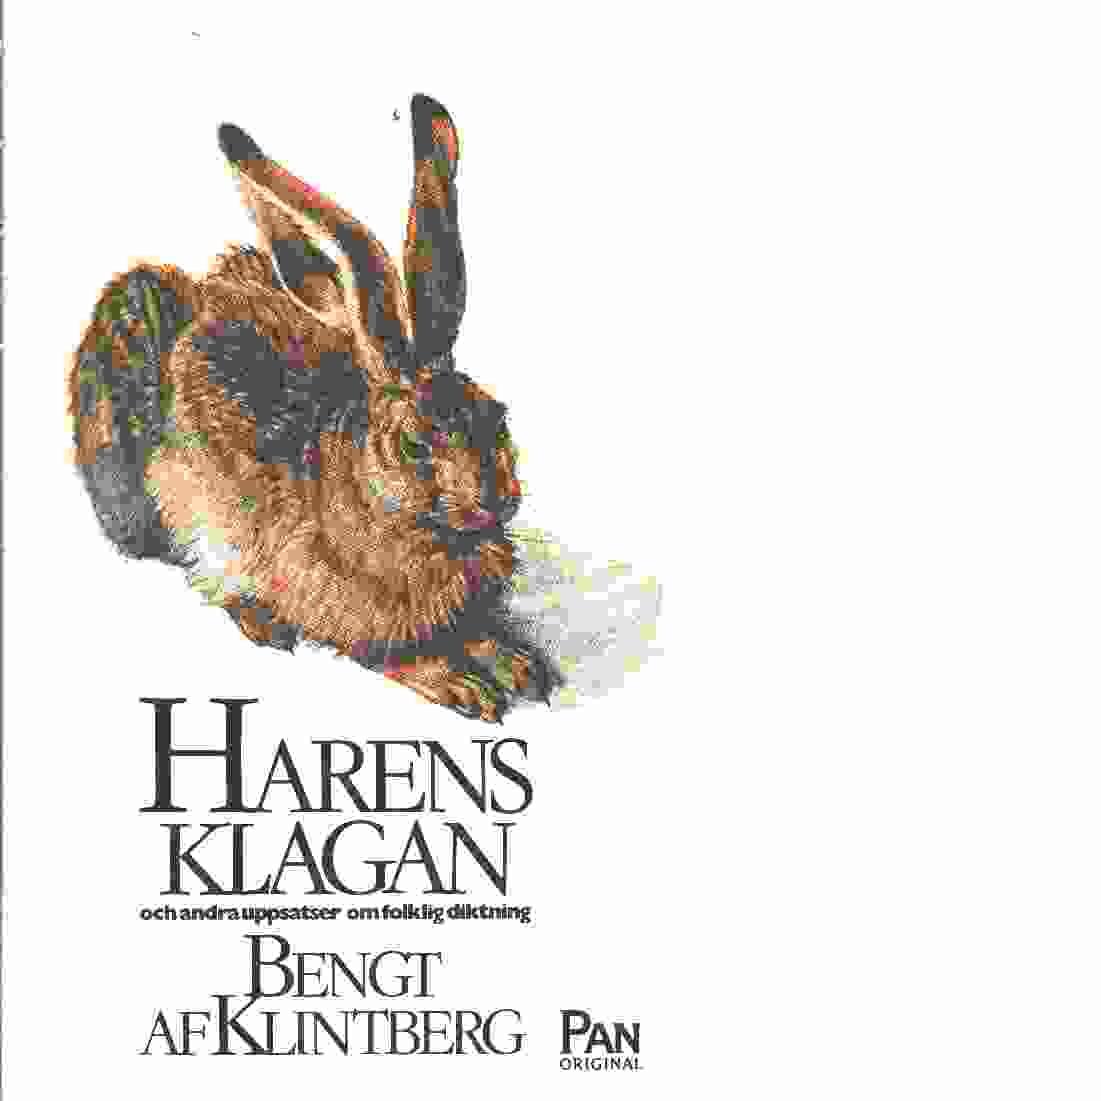 Harens klagan och andra uppsatser om folklig diktning - af Klintberg, Bengt